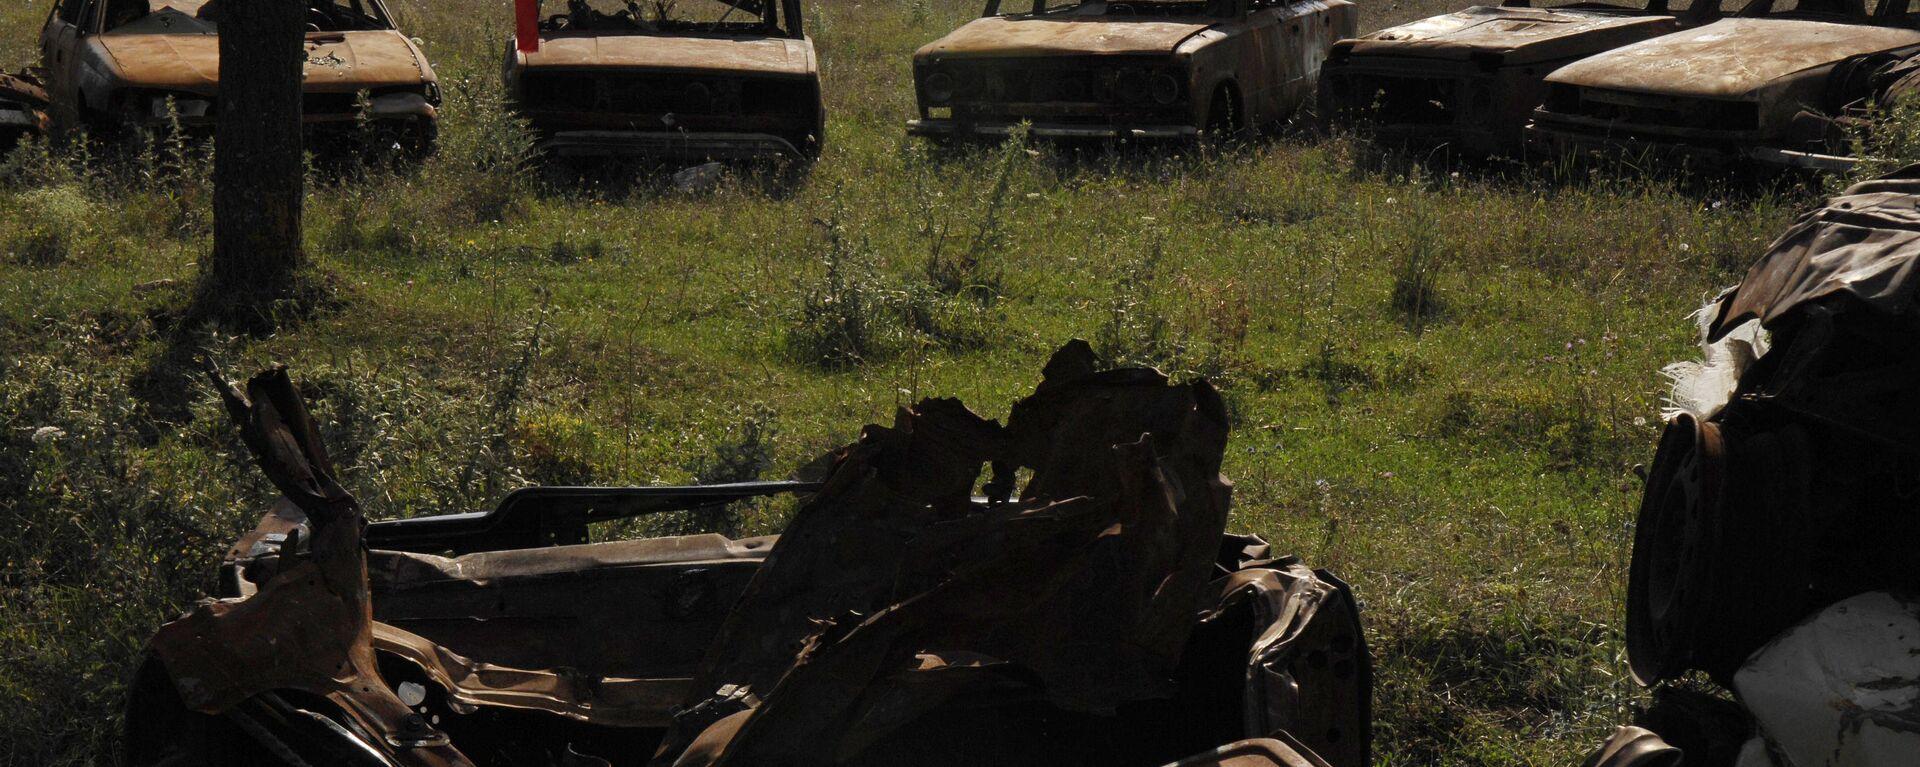 Кладбище автомобилей, в каждом из которых во время военных действий в августе 2008 года погибли жители города Цхинвали - Sputnik Latvija, 1920, 08.08.2020